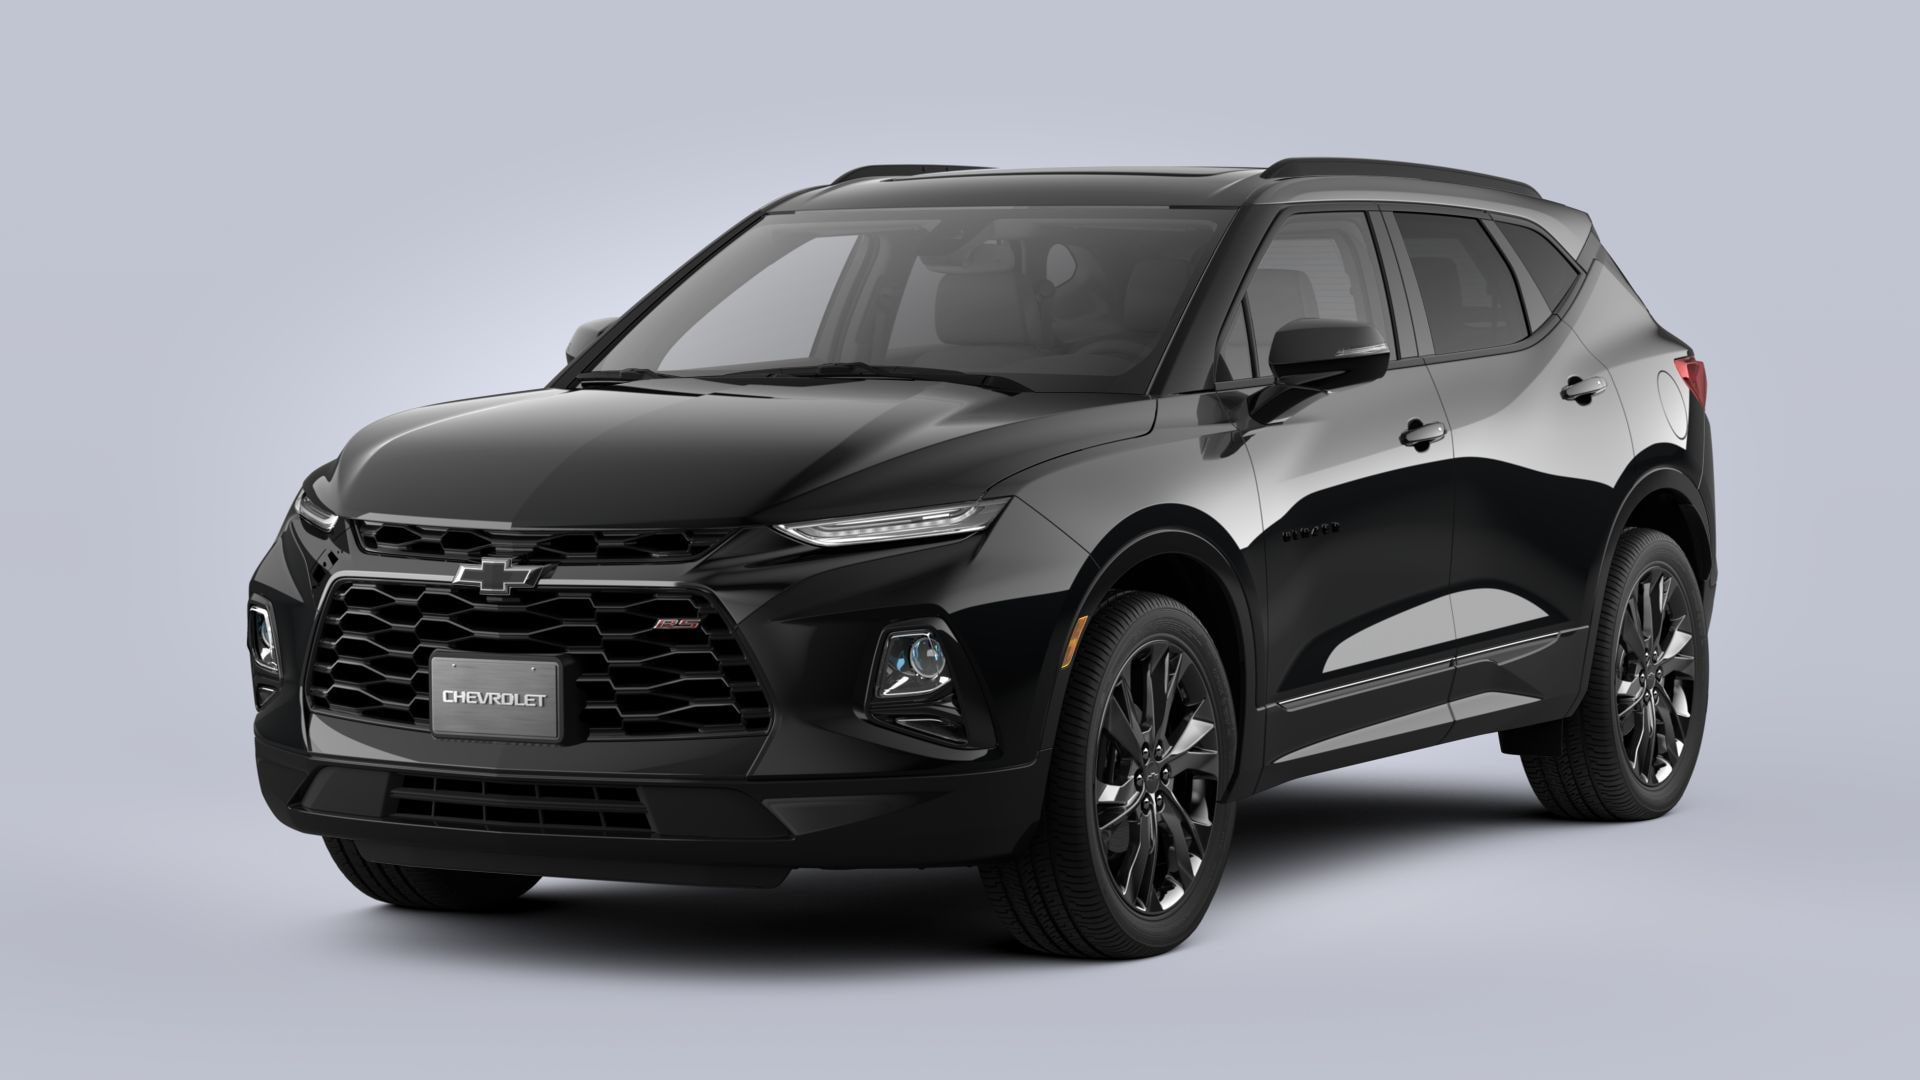 2021 Chevrolet Blazer SUV